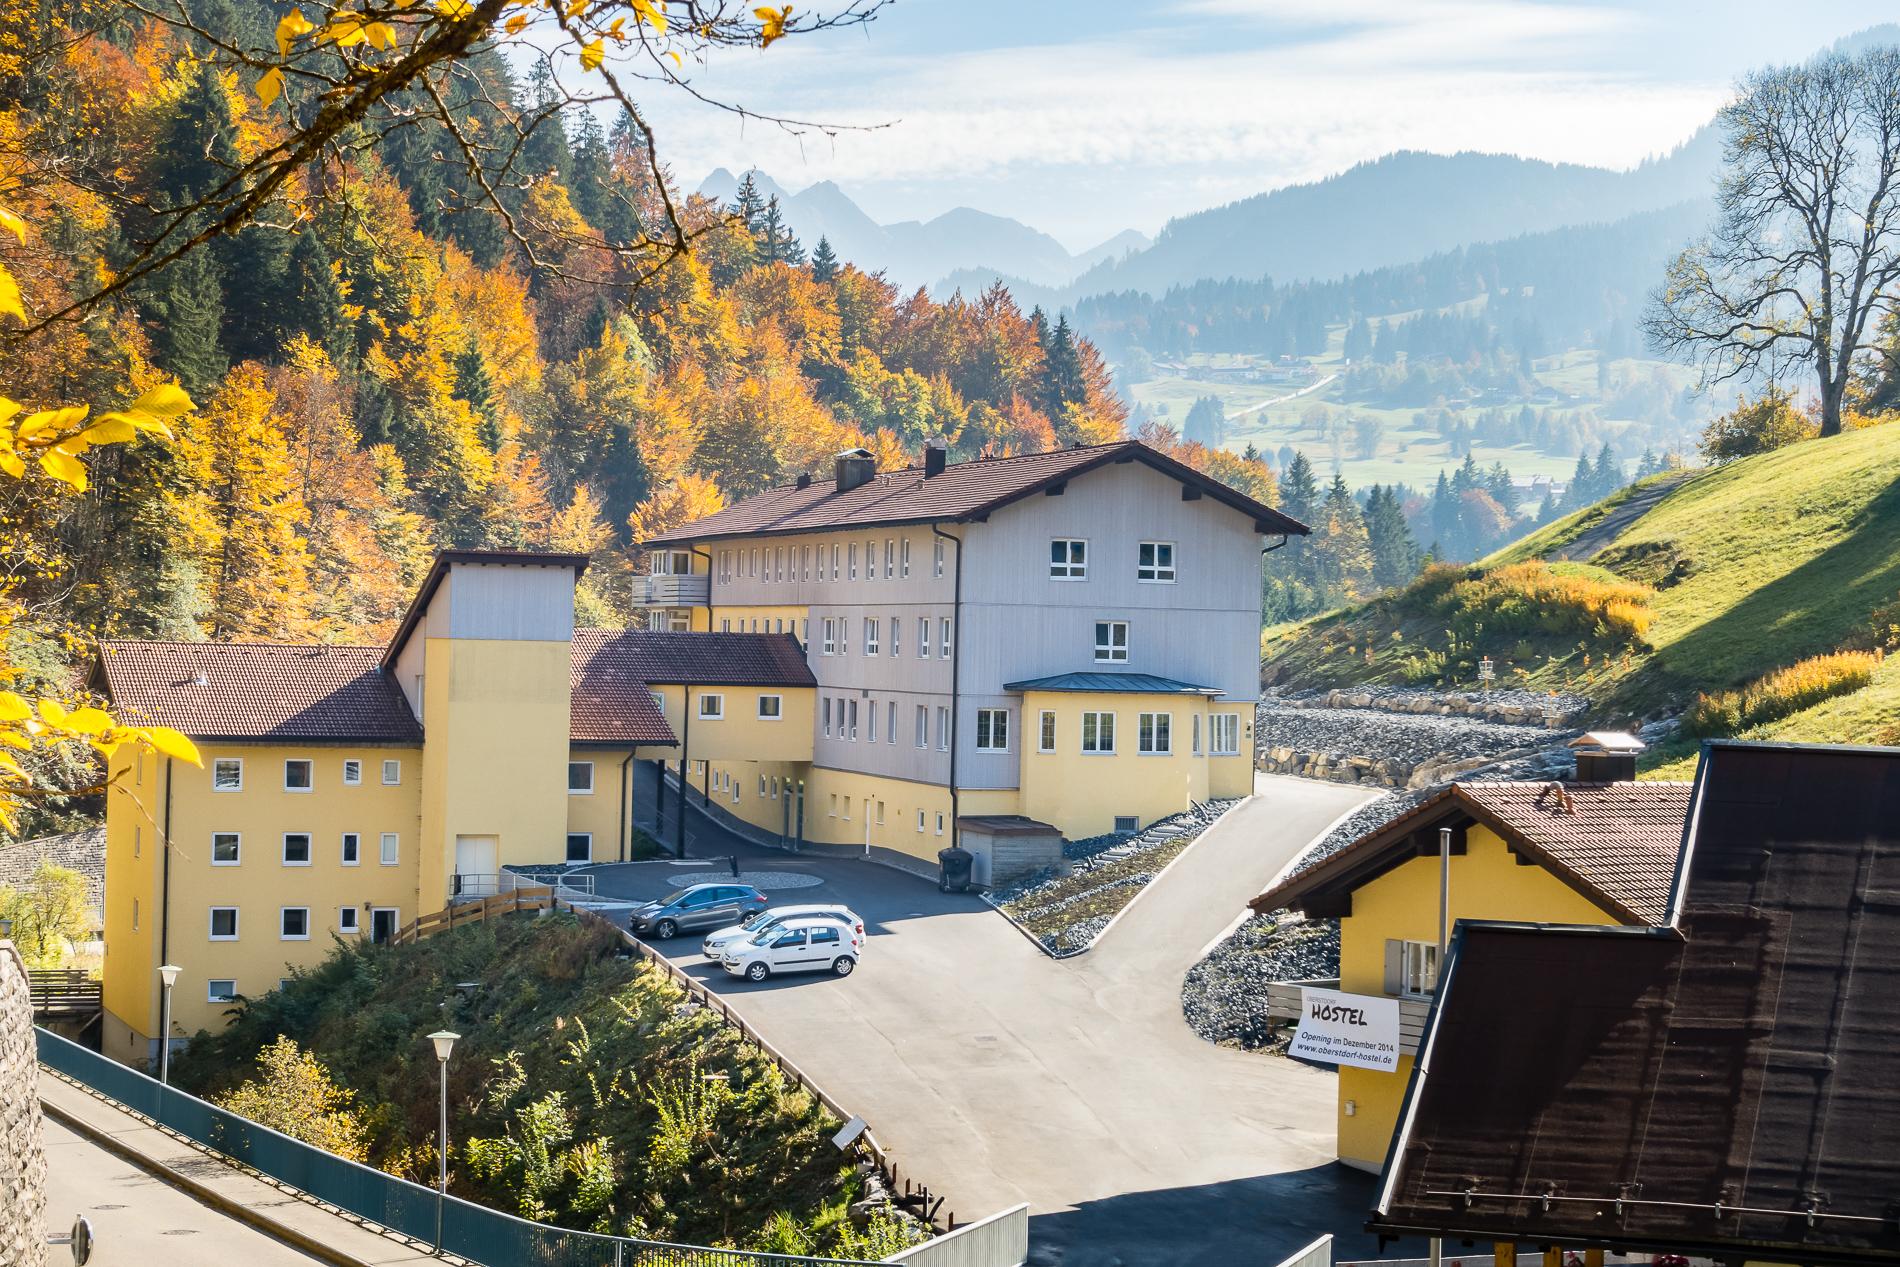 Oberstdorf Hostel im Herbst Retusche